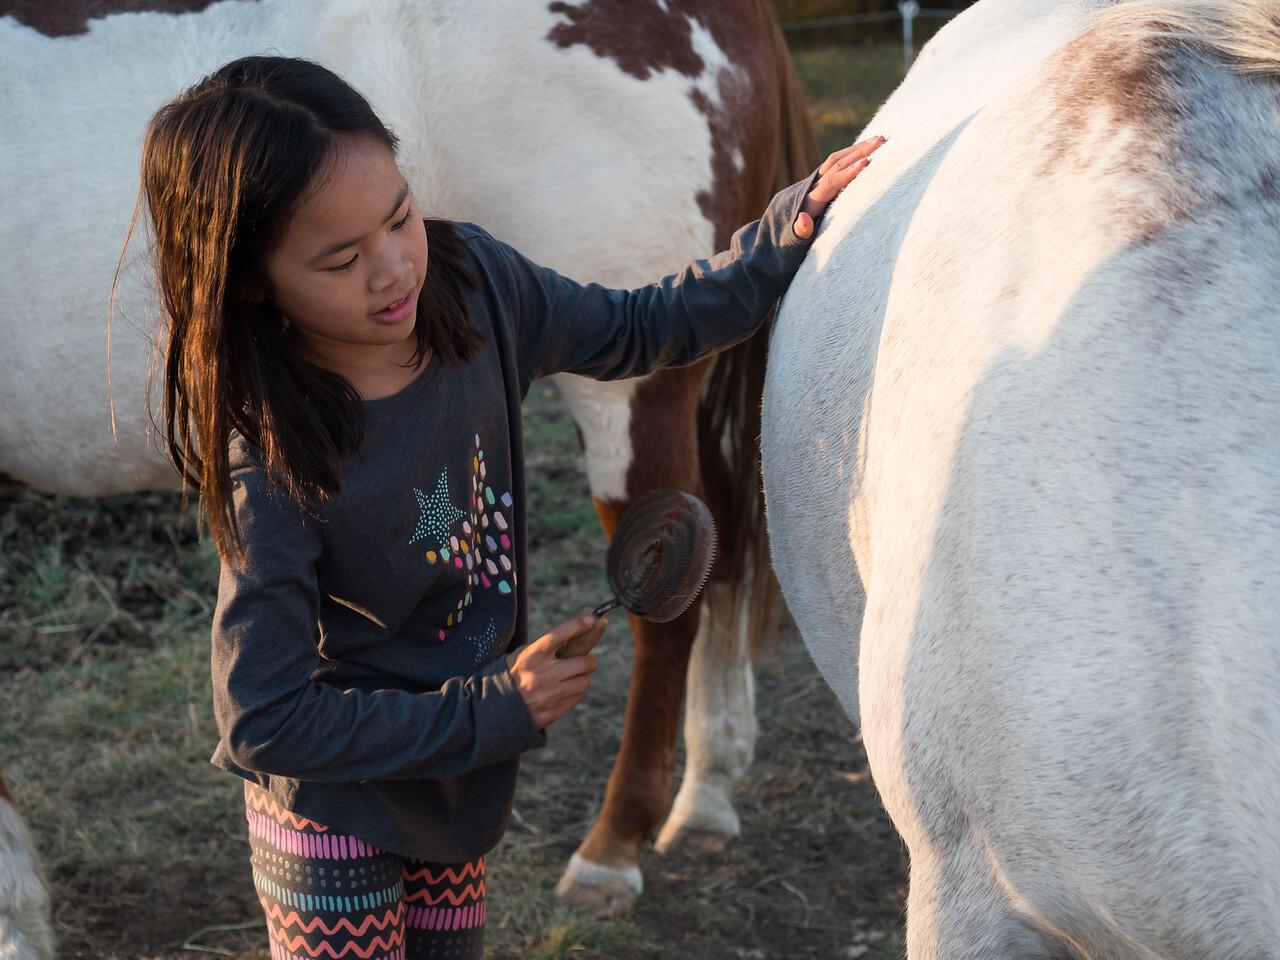 Lindsay brushing the horses.